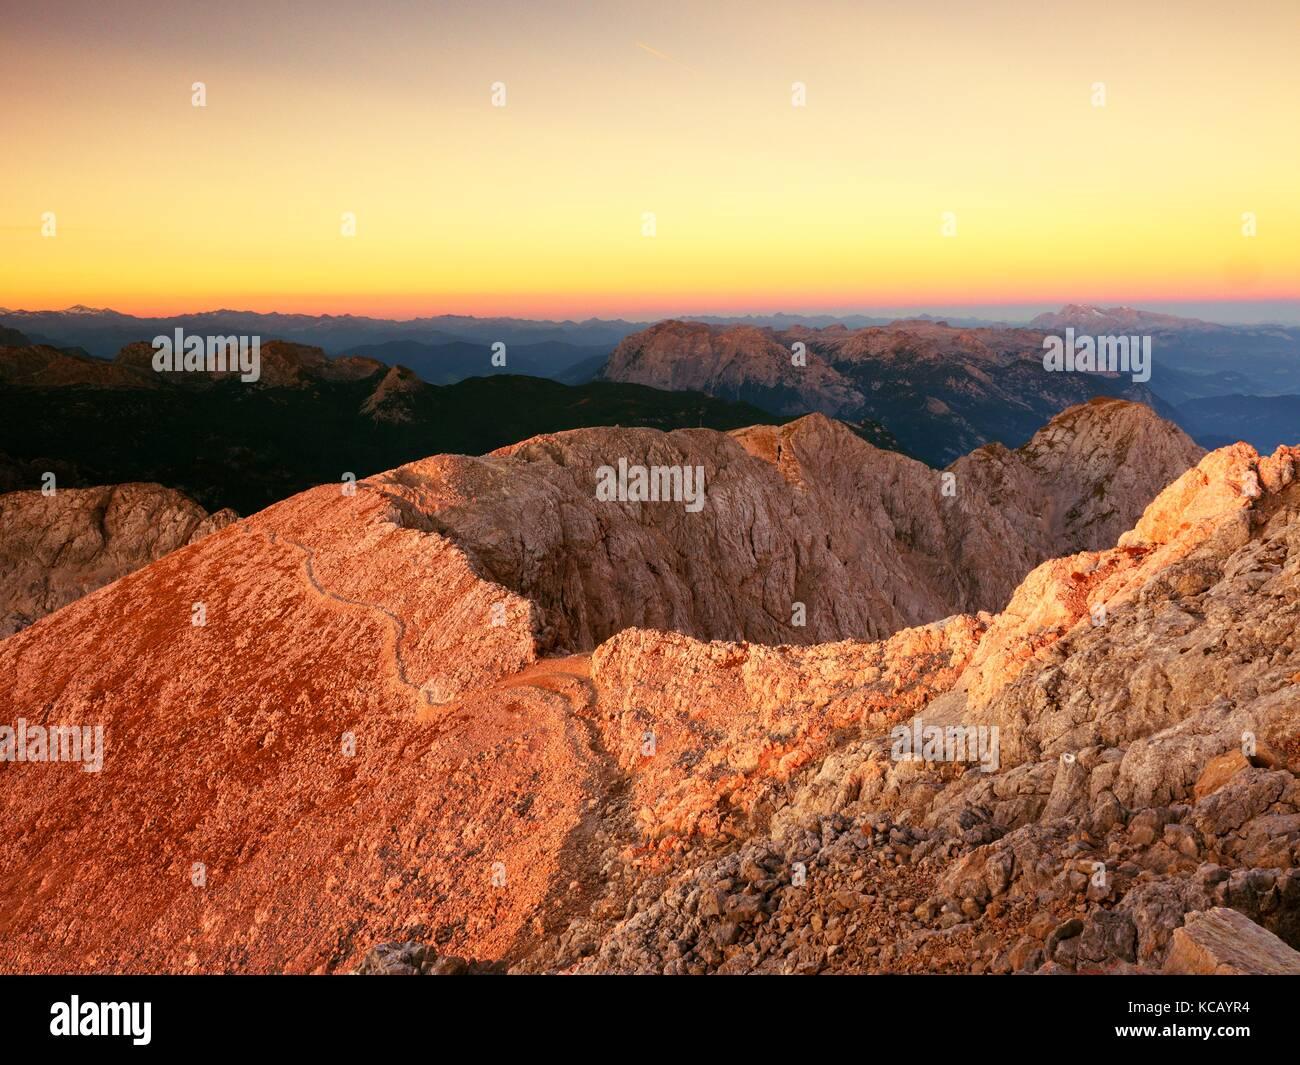 Matin vue sur falaise apine et la vallée.lever du soleil à l'horizon. La montagne est passé de Photo Stock